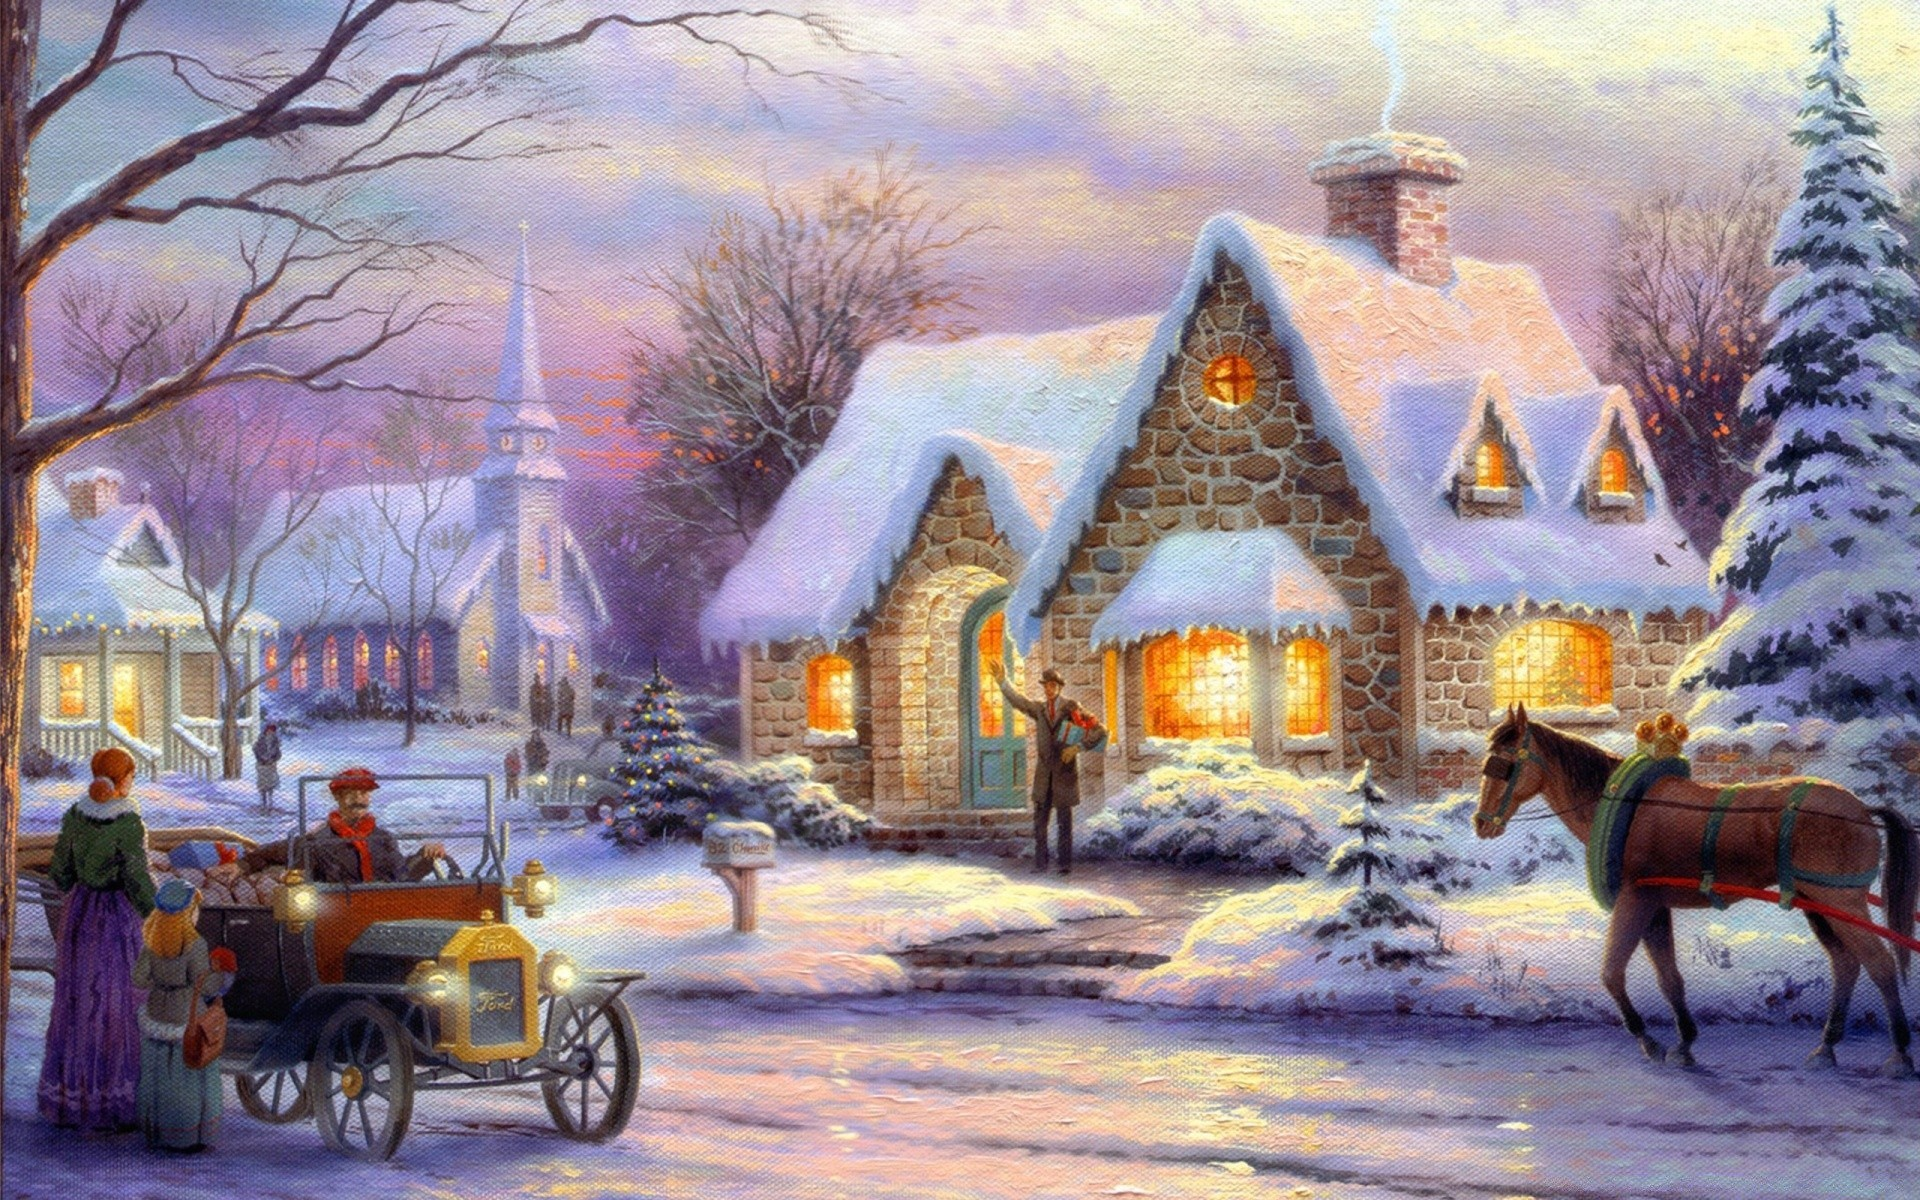 Спокойной ночи, картинки с новым годом сказочные на рабочий стол